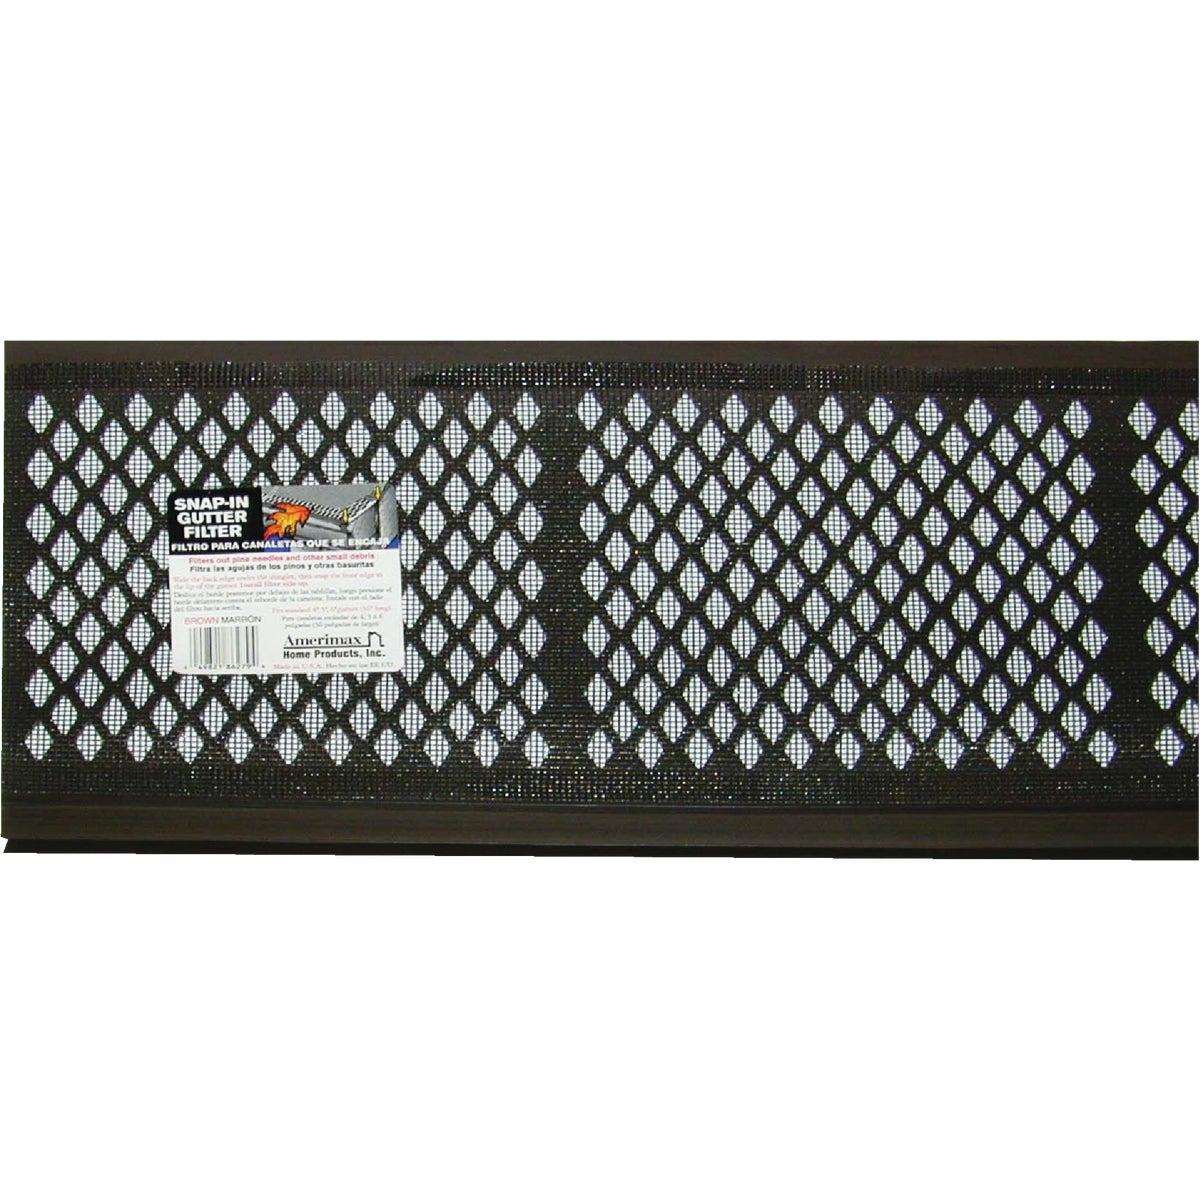 3' BR VYL GUTR GRD W/FLT - 86379 by Amerimax Home Prod